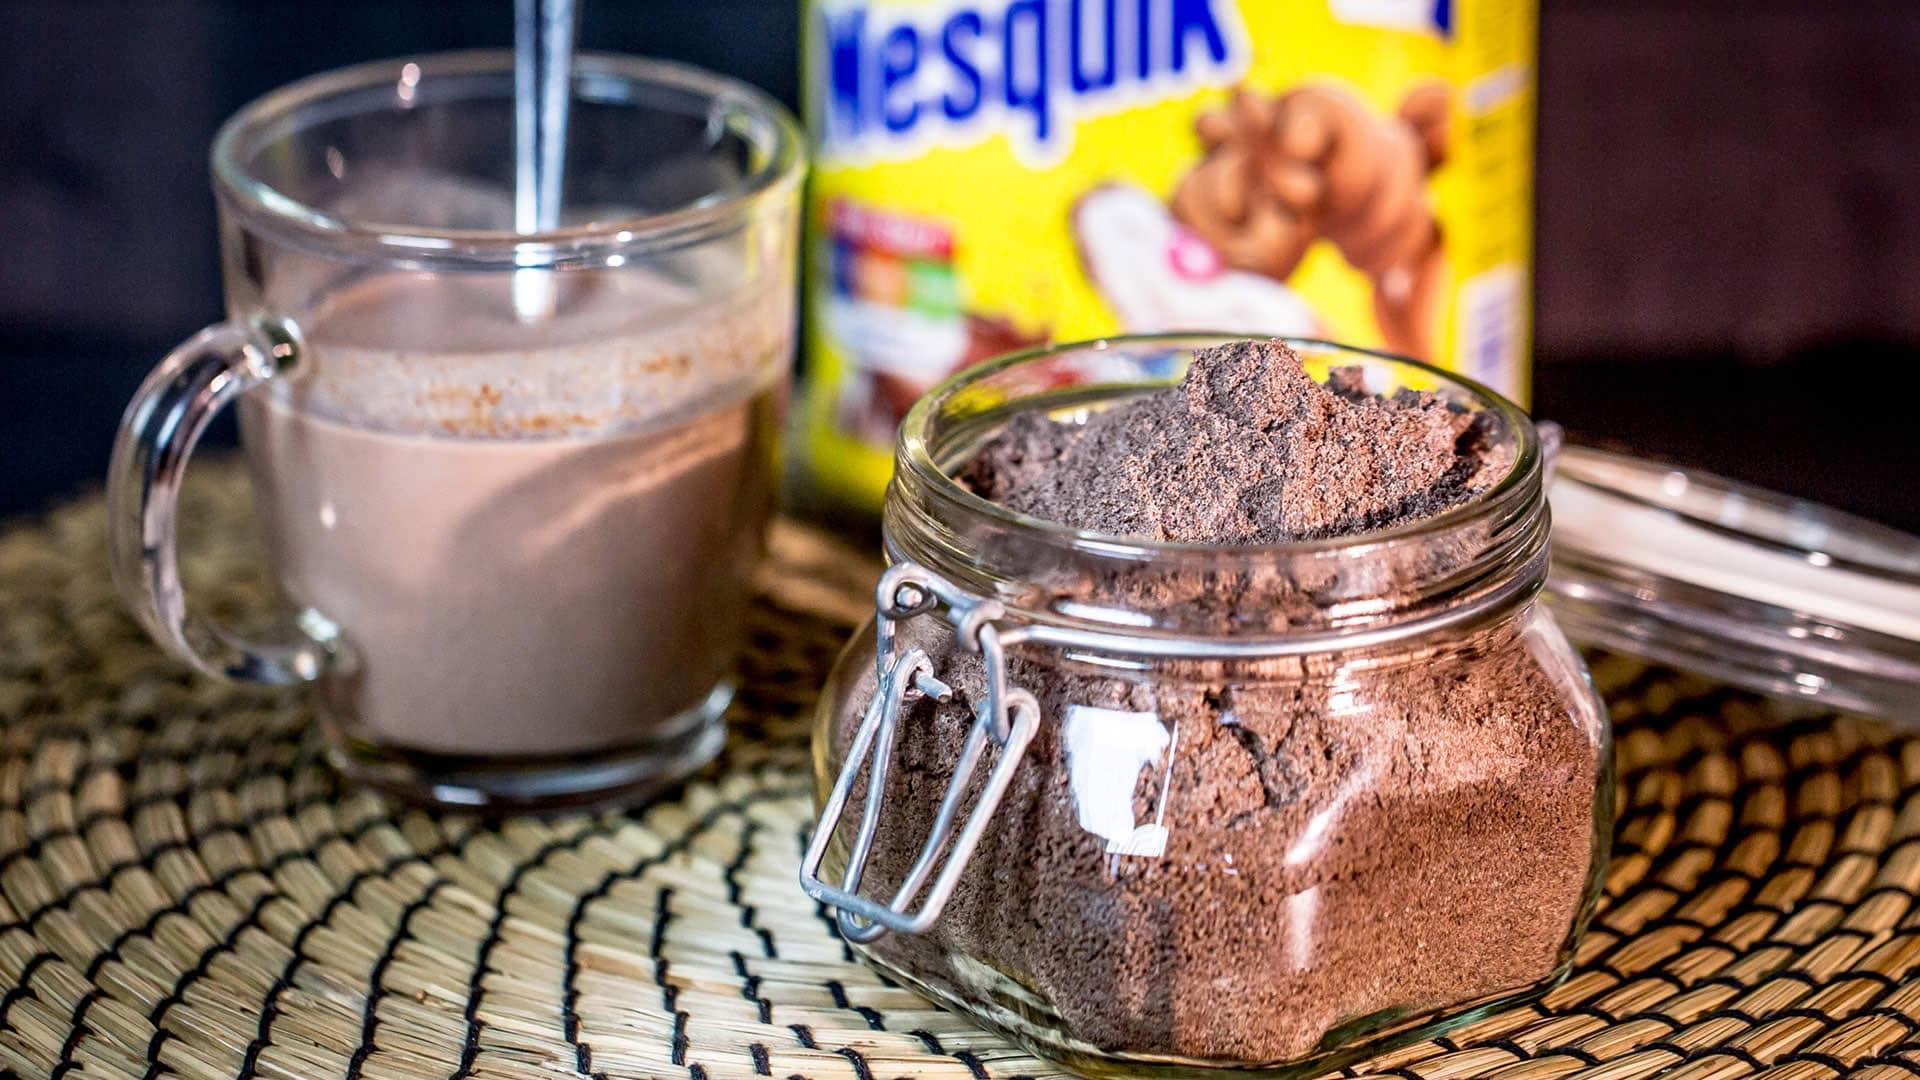 Foto Cioccolato Solubile - Tipo Nesquik® - Fatto in Casa